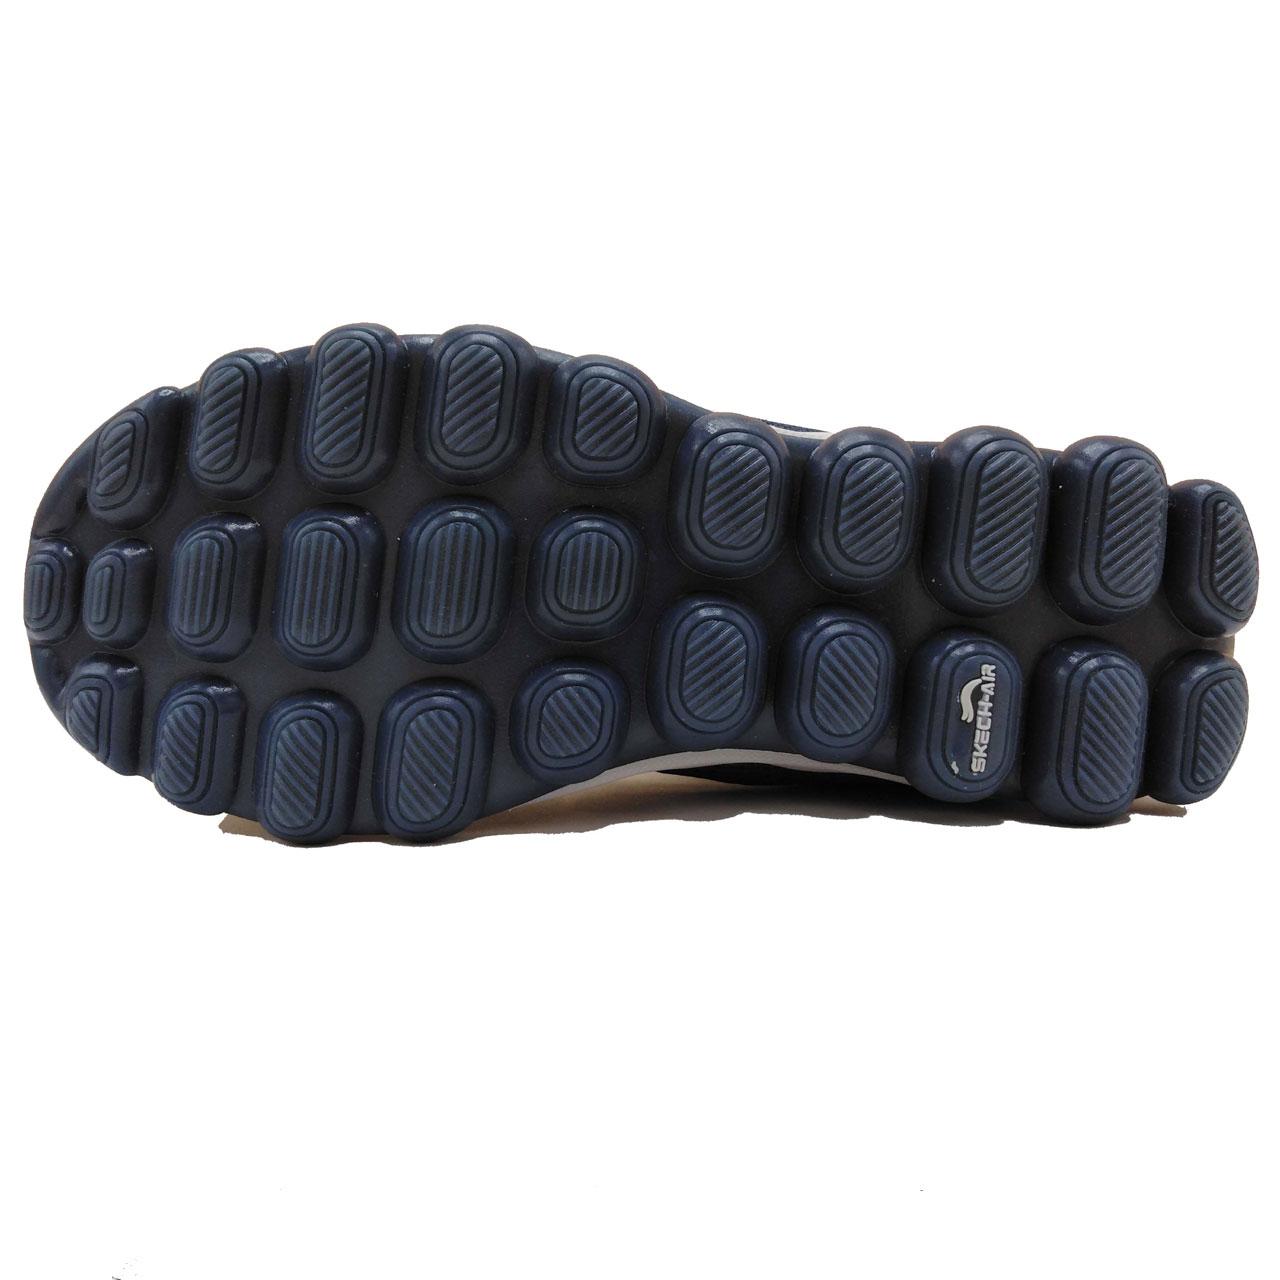 کفش مخصوص پیاده روی مردانه اسکچرز مدل Skech Air 2.0